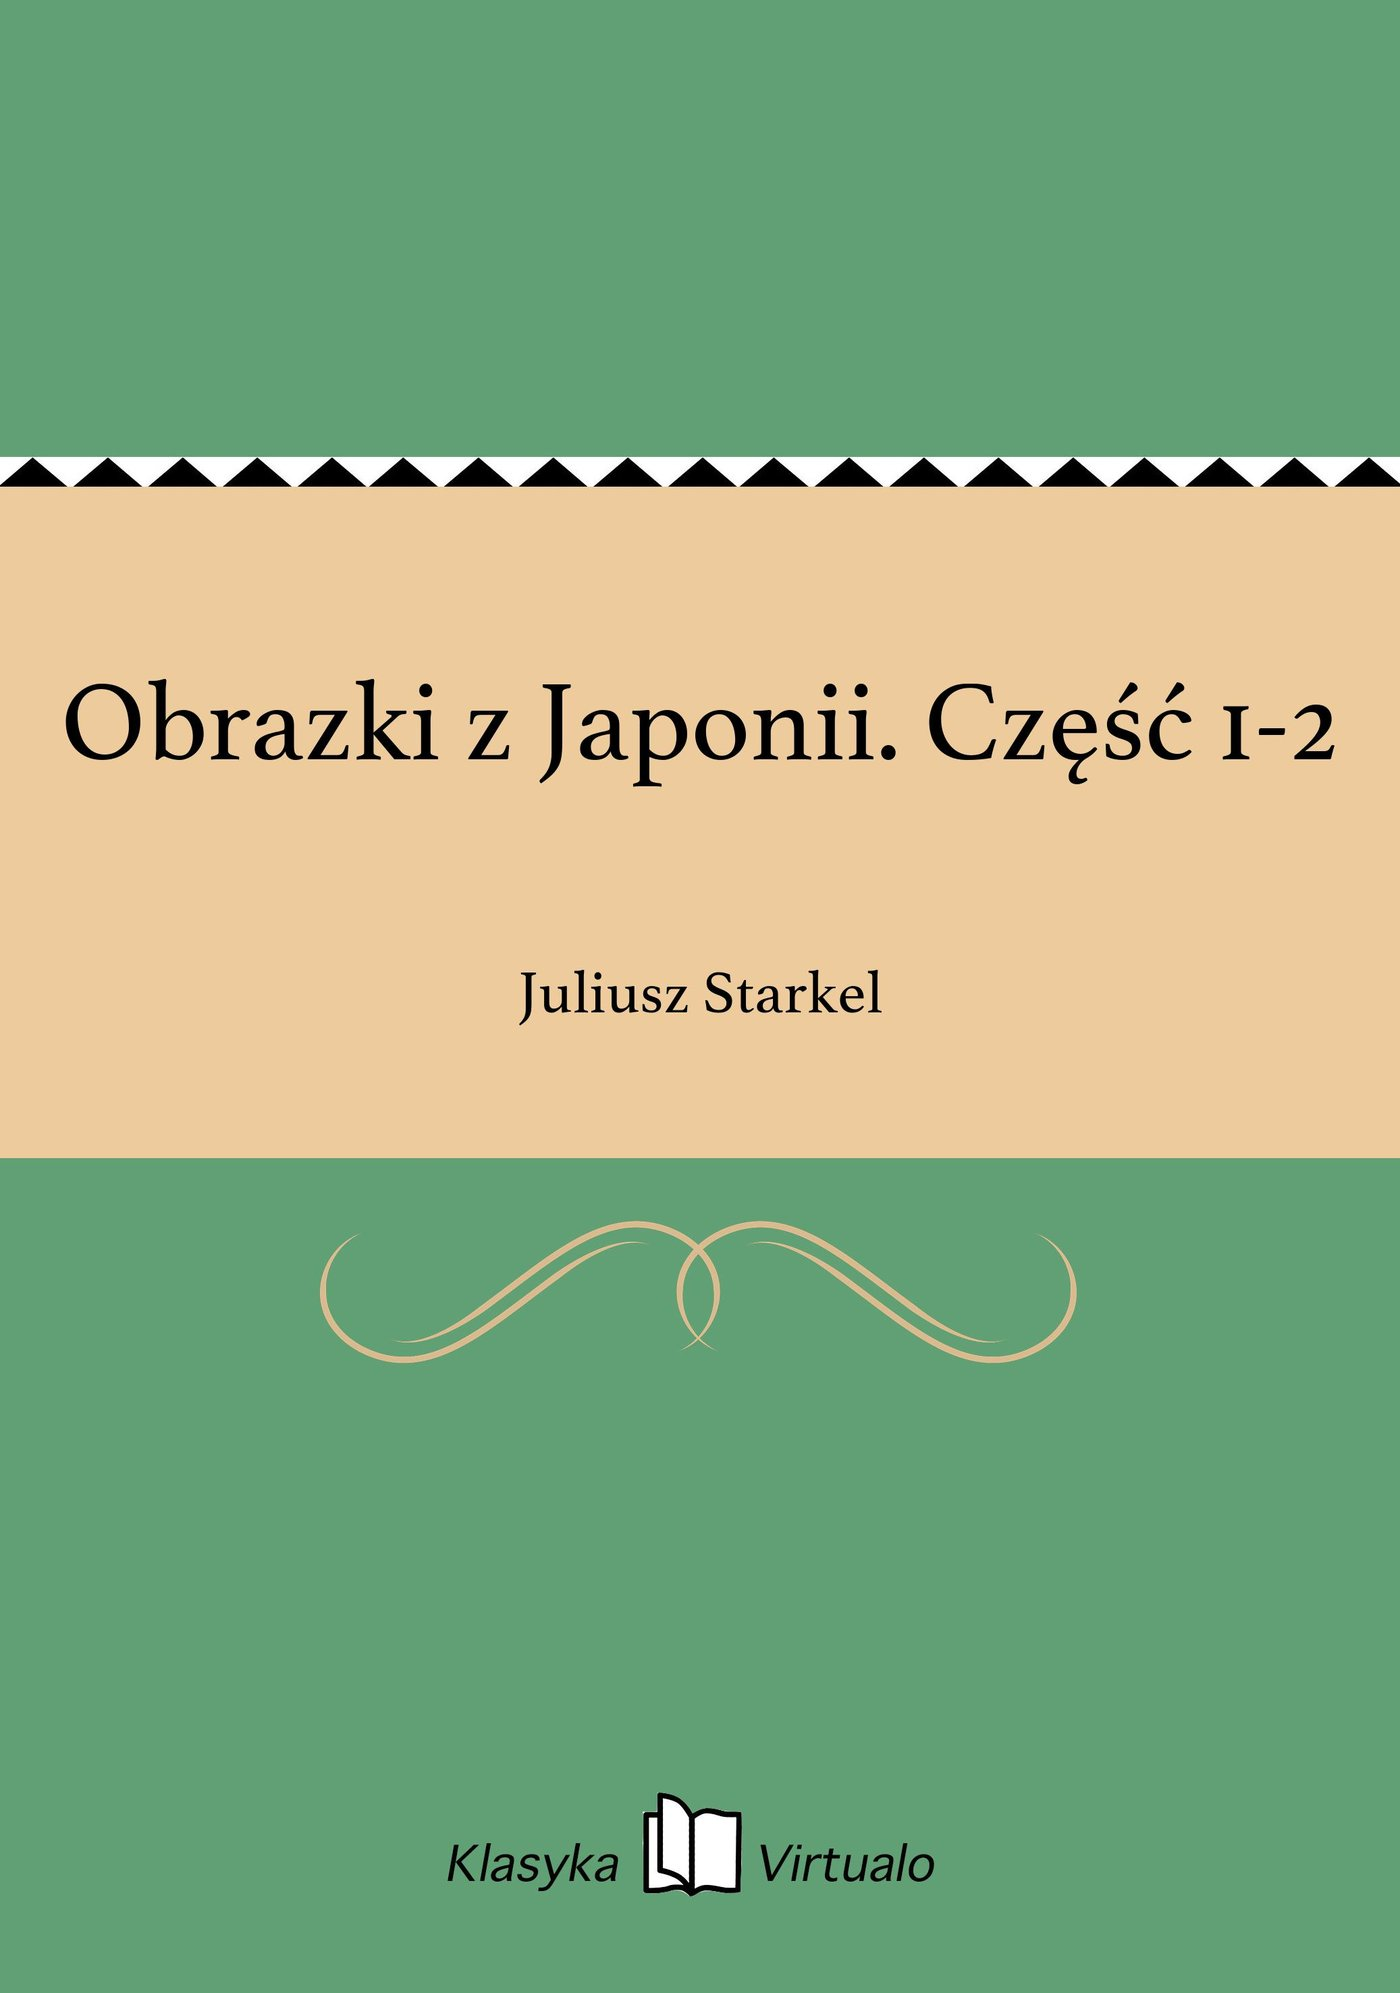 Obrazki z Japonii. Część 1-2 - Ebook (Książka EPUB) do pobrania w formacie EPUB